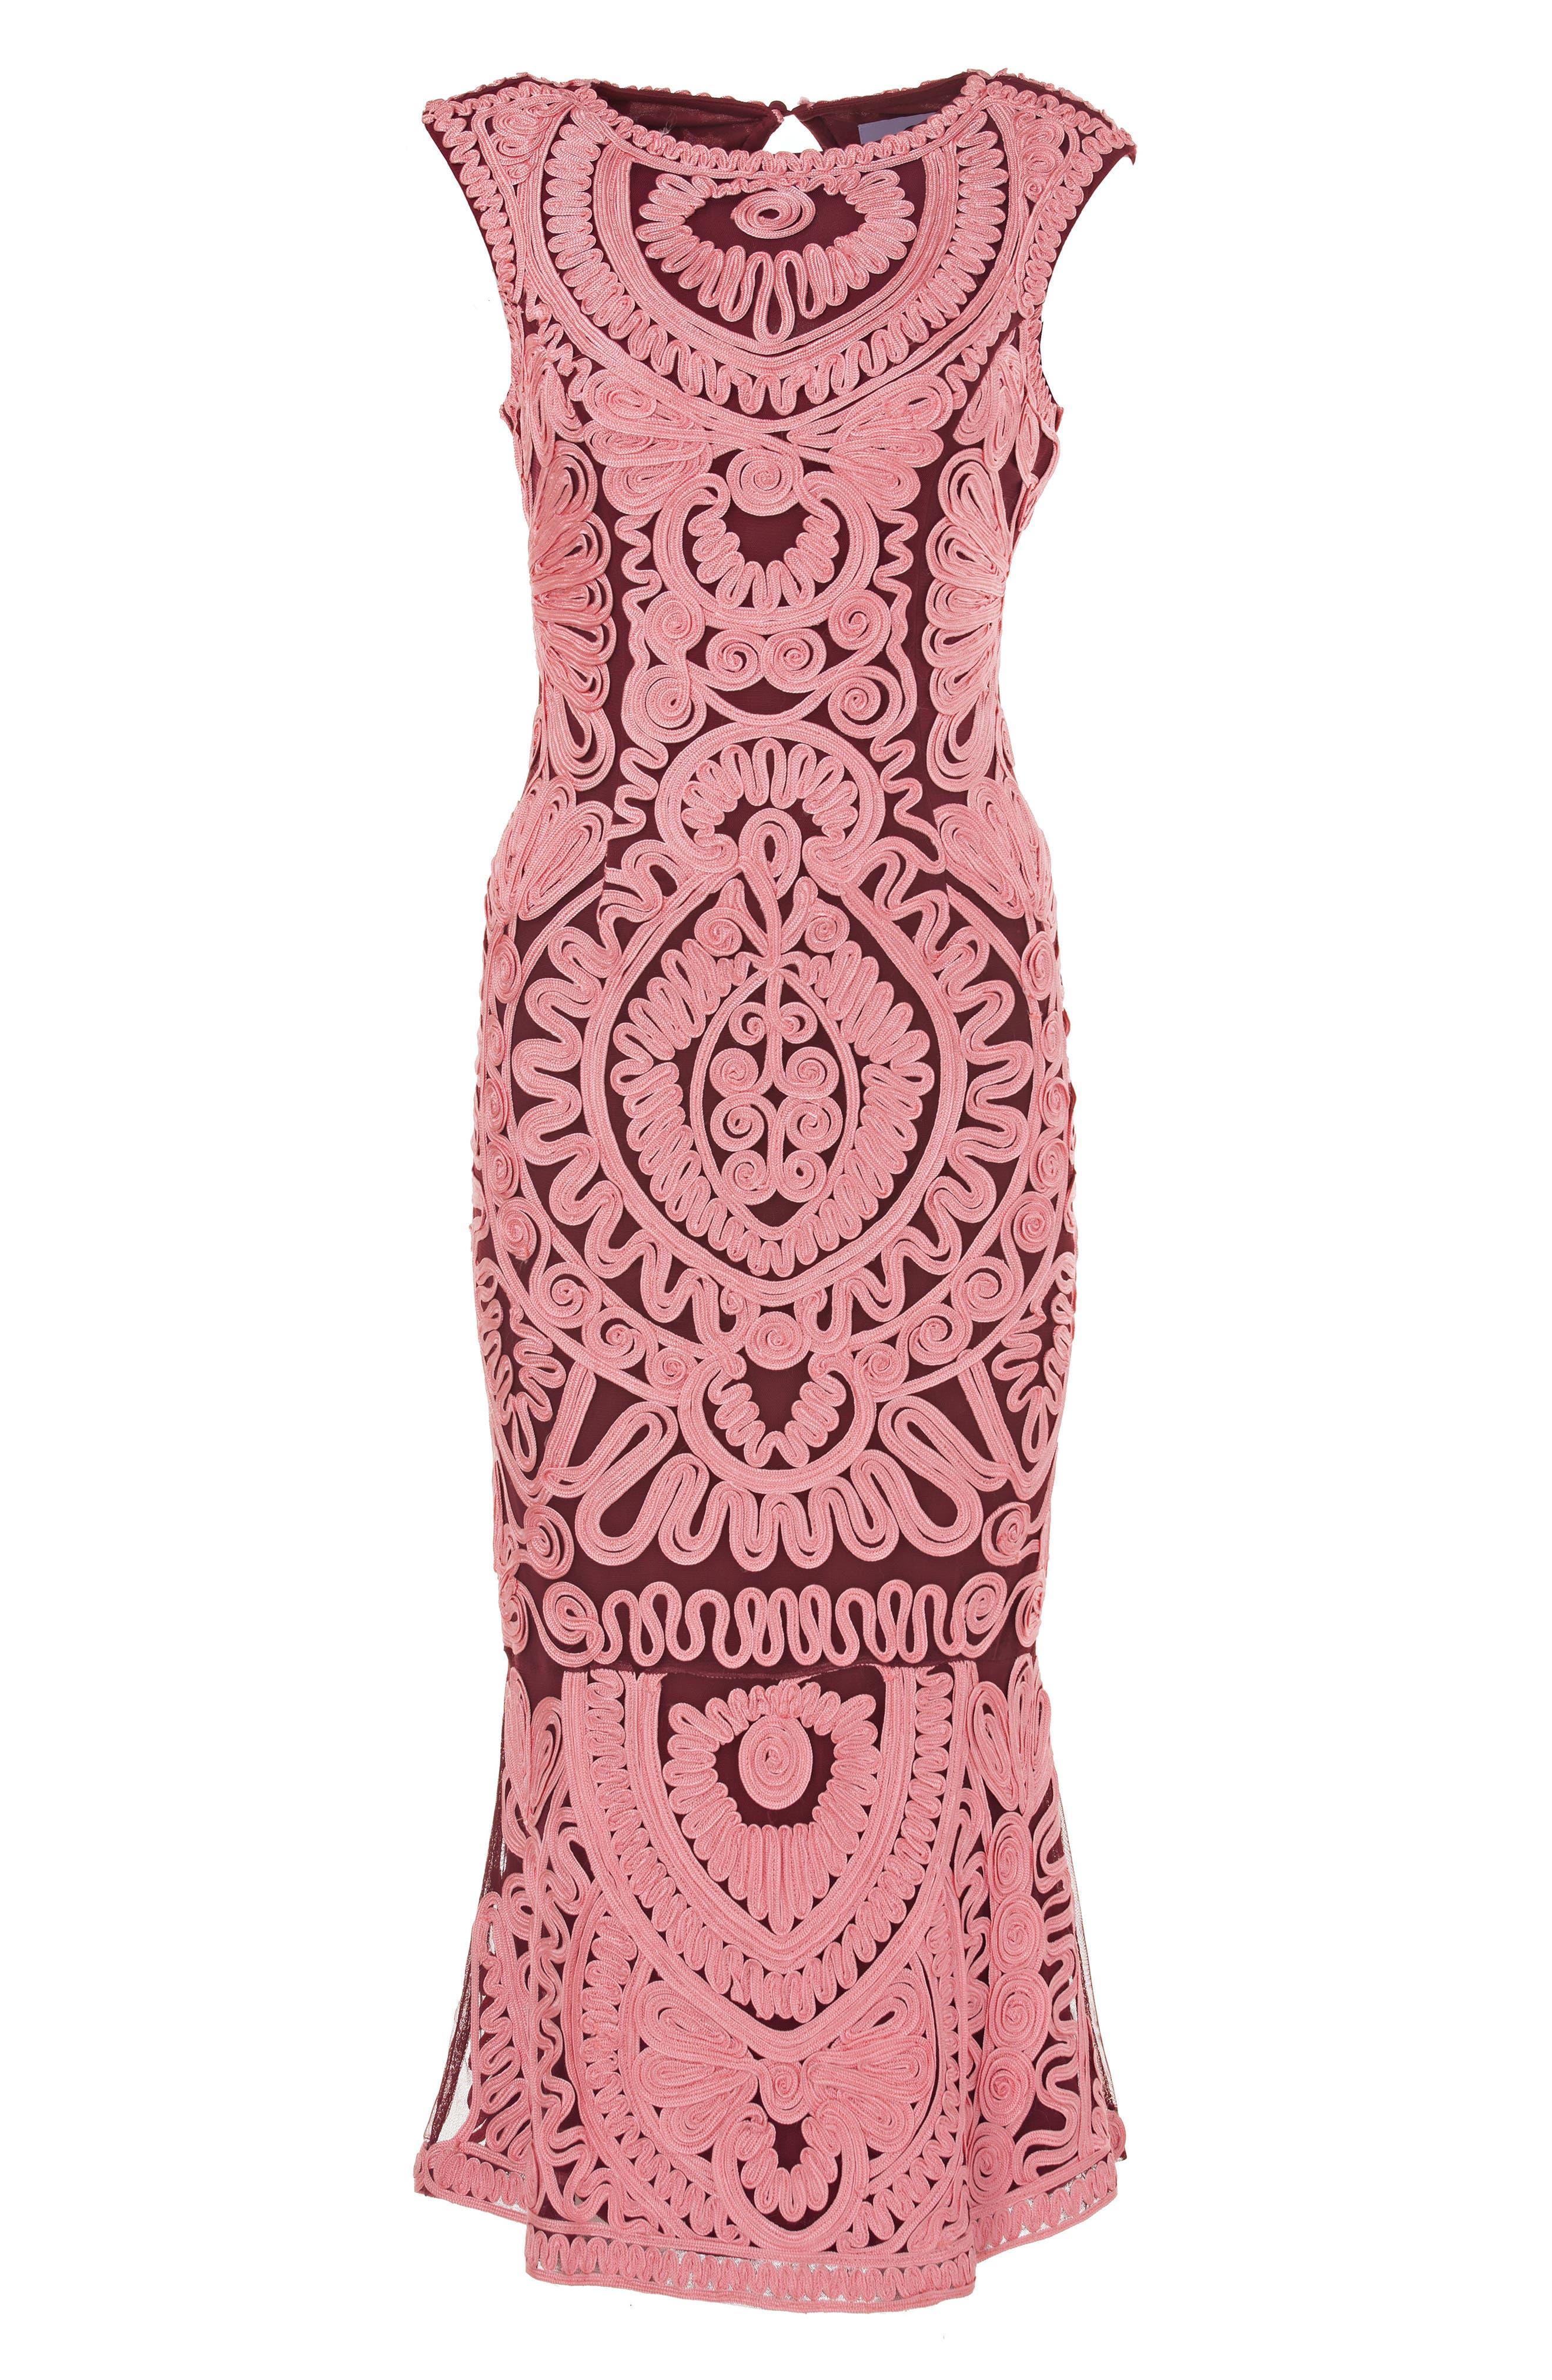 Soutache Mesh Dress,                             Alternate thumbnail 3, color,                             PINK/ WINE